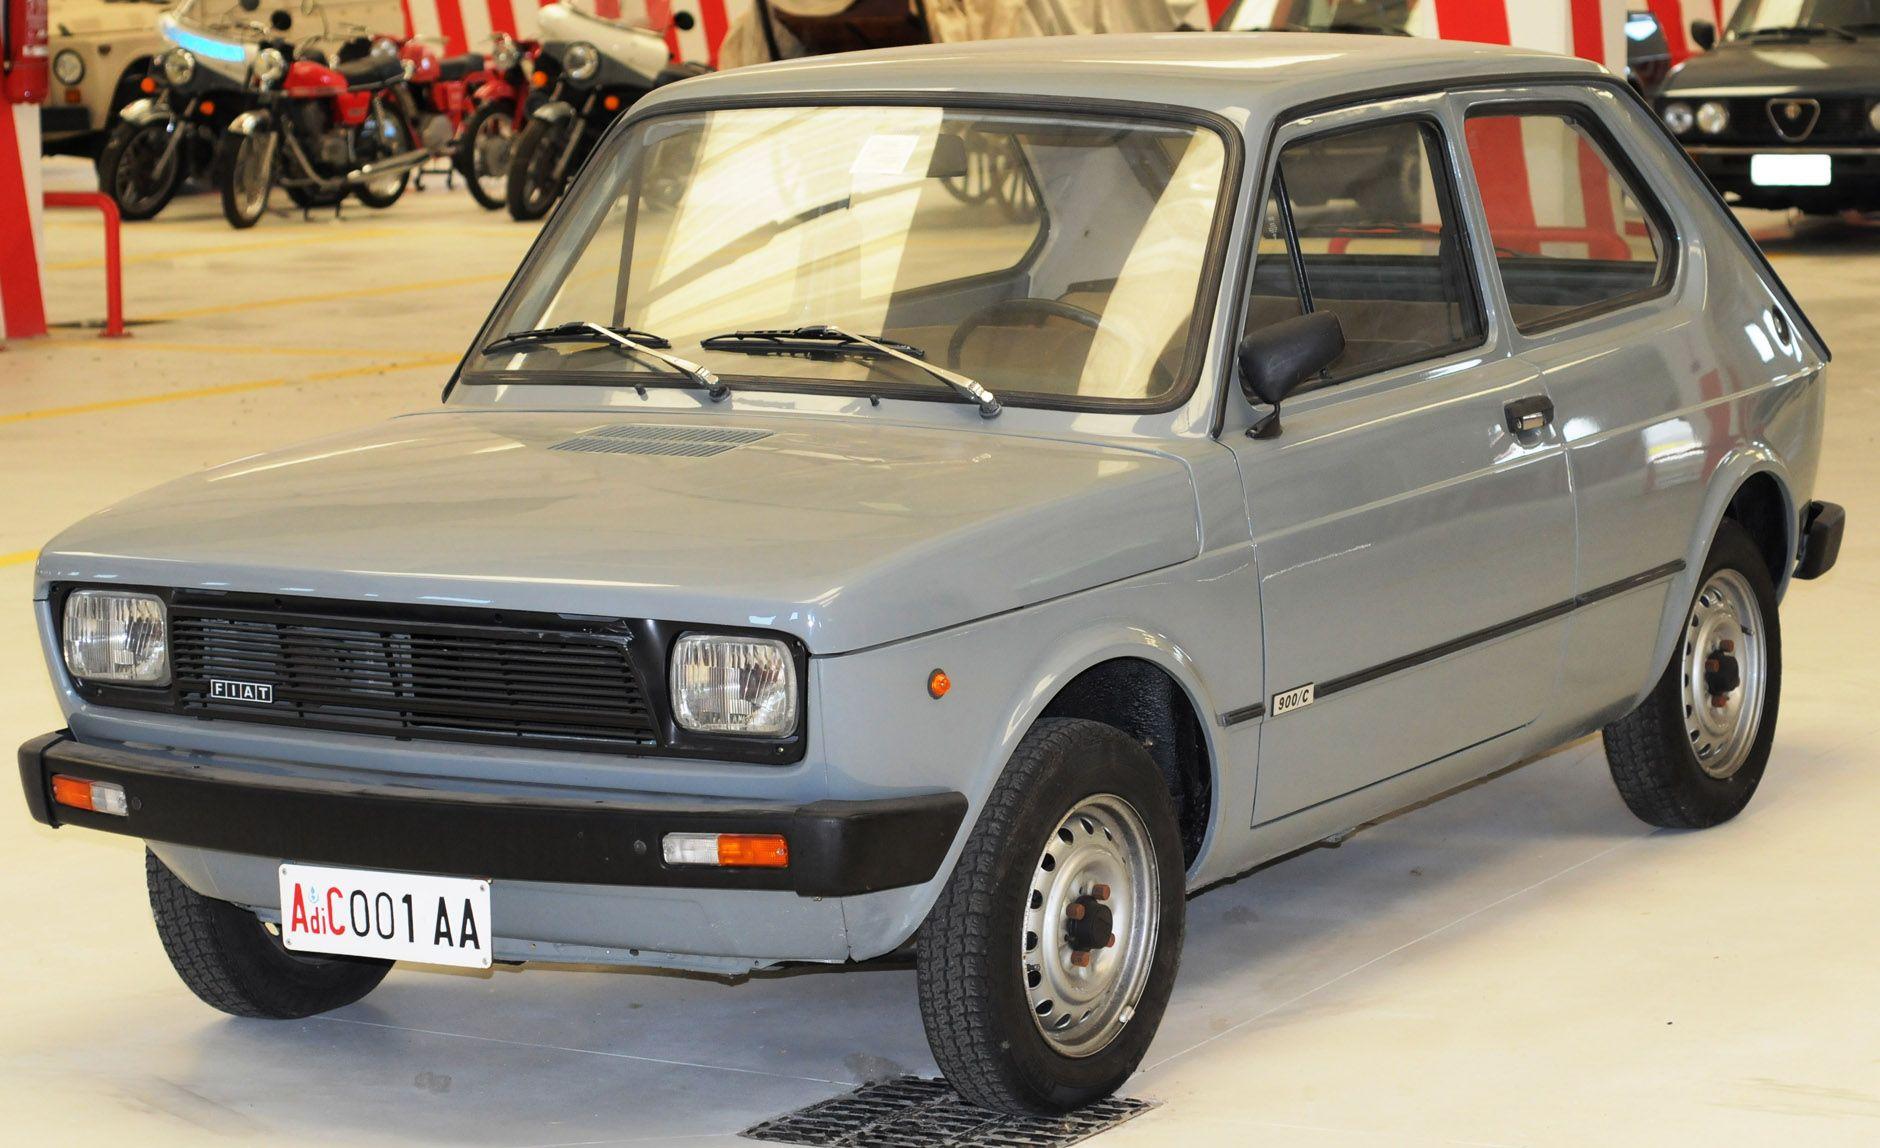 Fiat 127 Secondo Acquisto Auto Personalizzate Auto Automobile